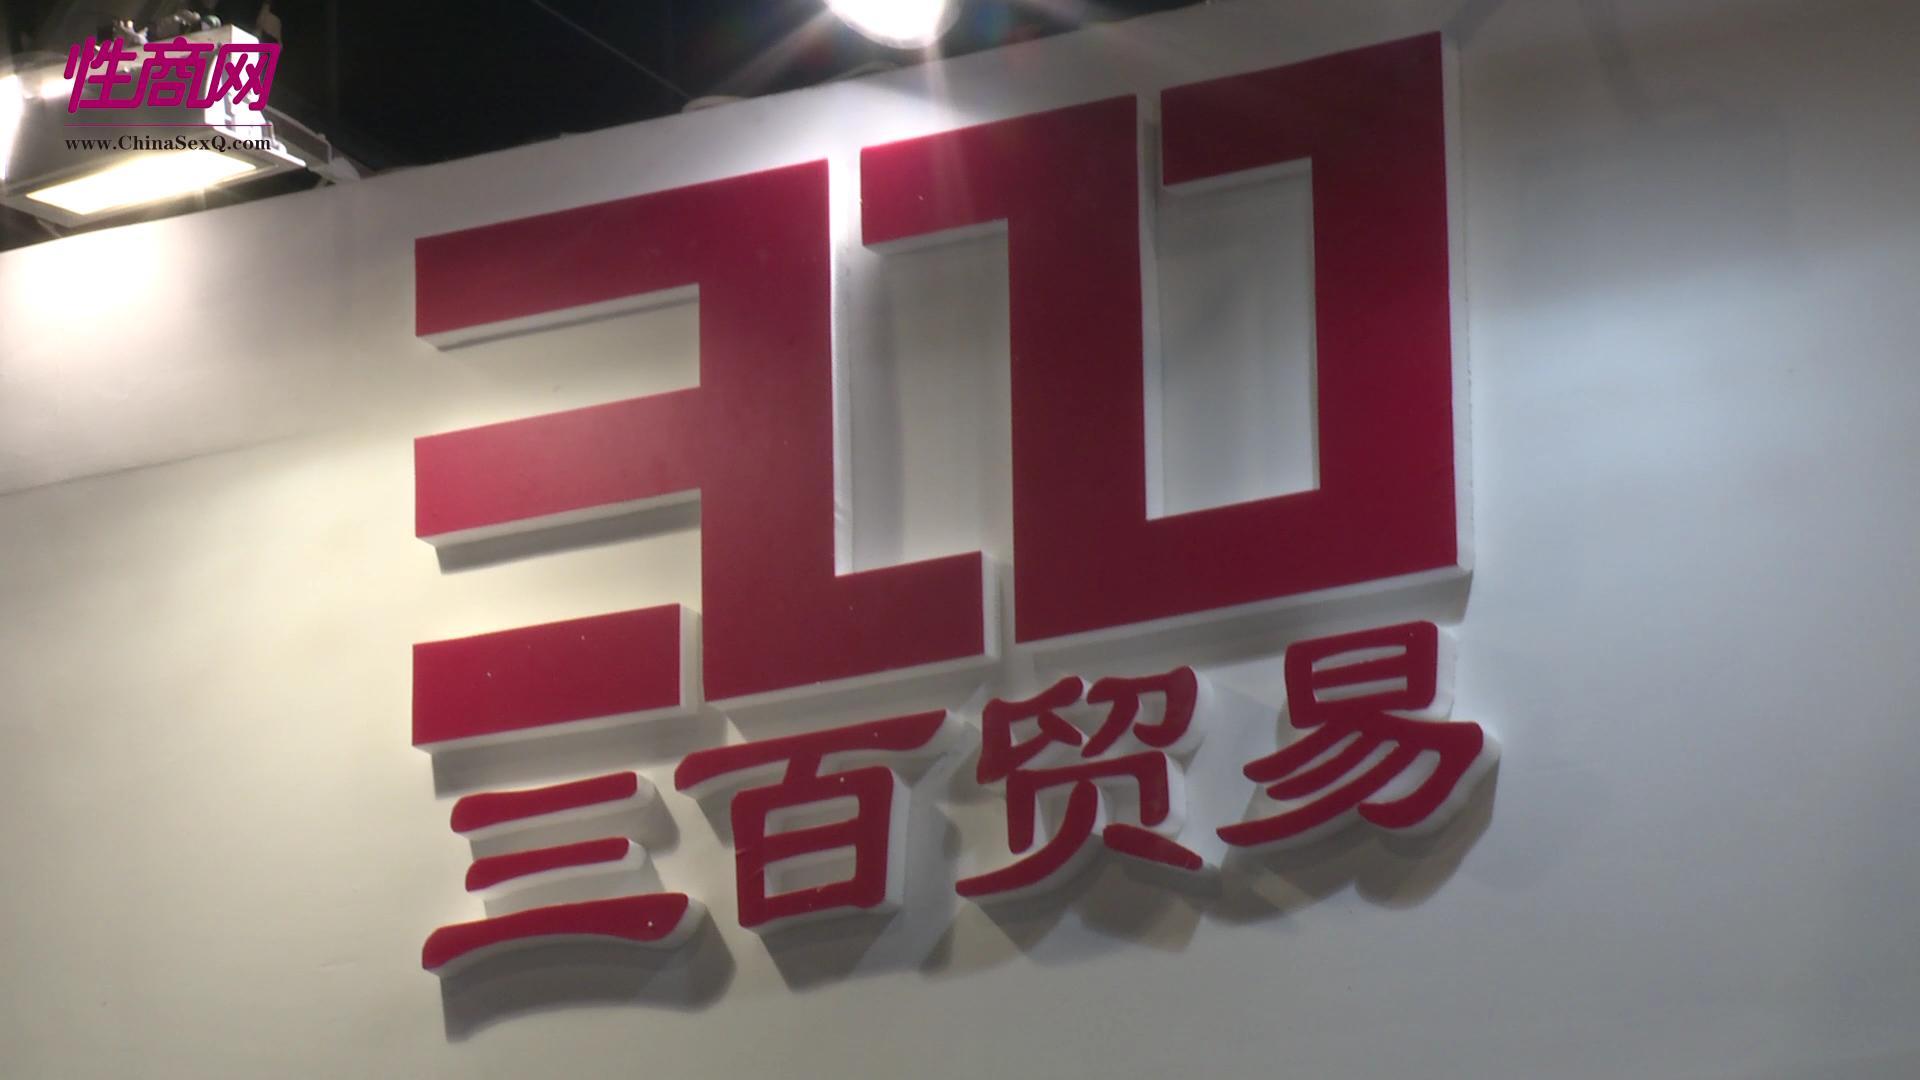 德国HOT&三百贸易专访――2016广州性文化节性商专访图片2